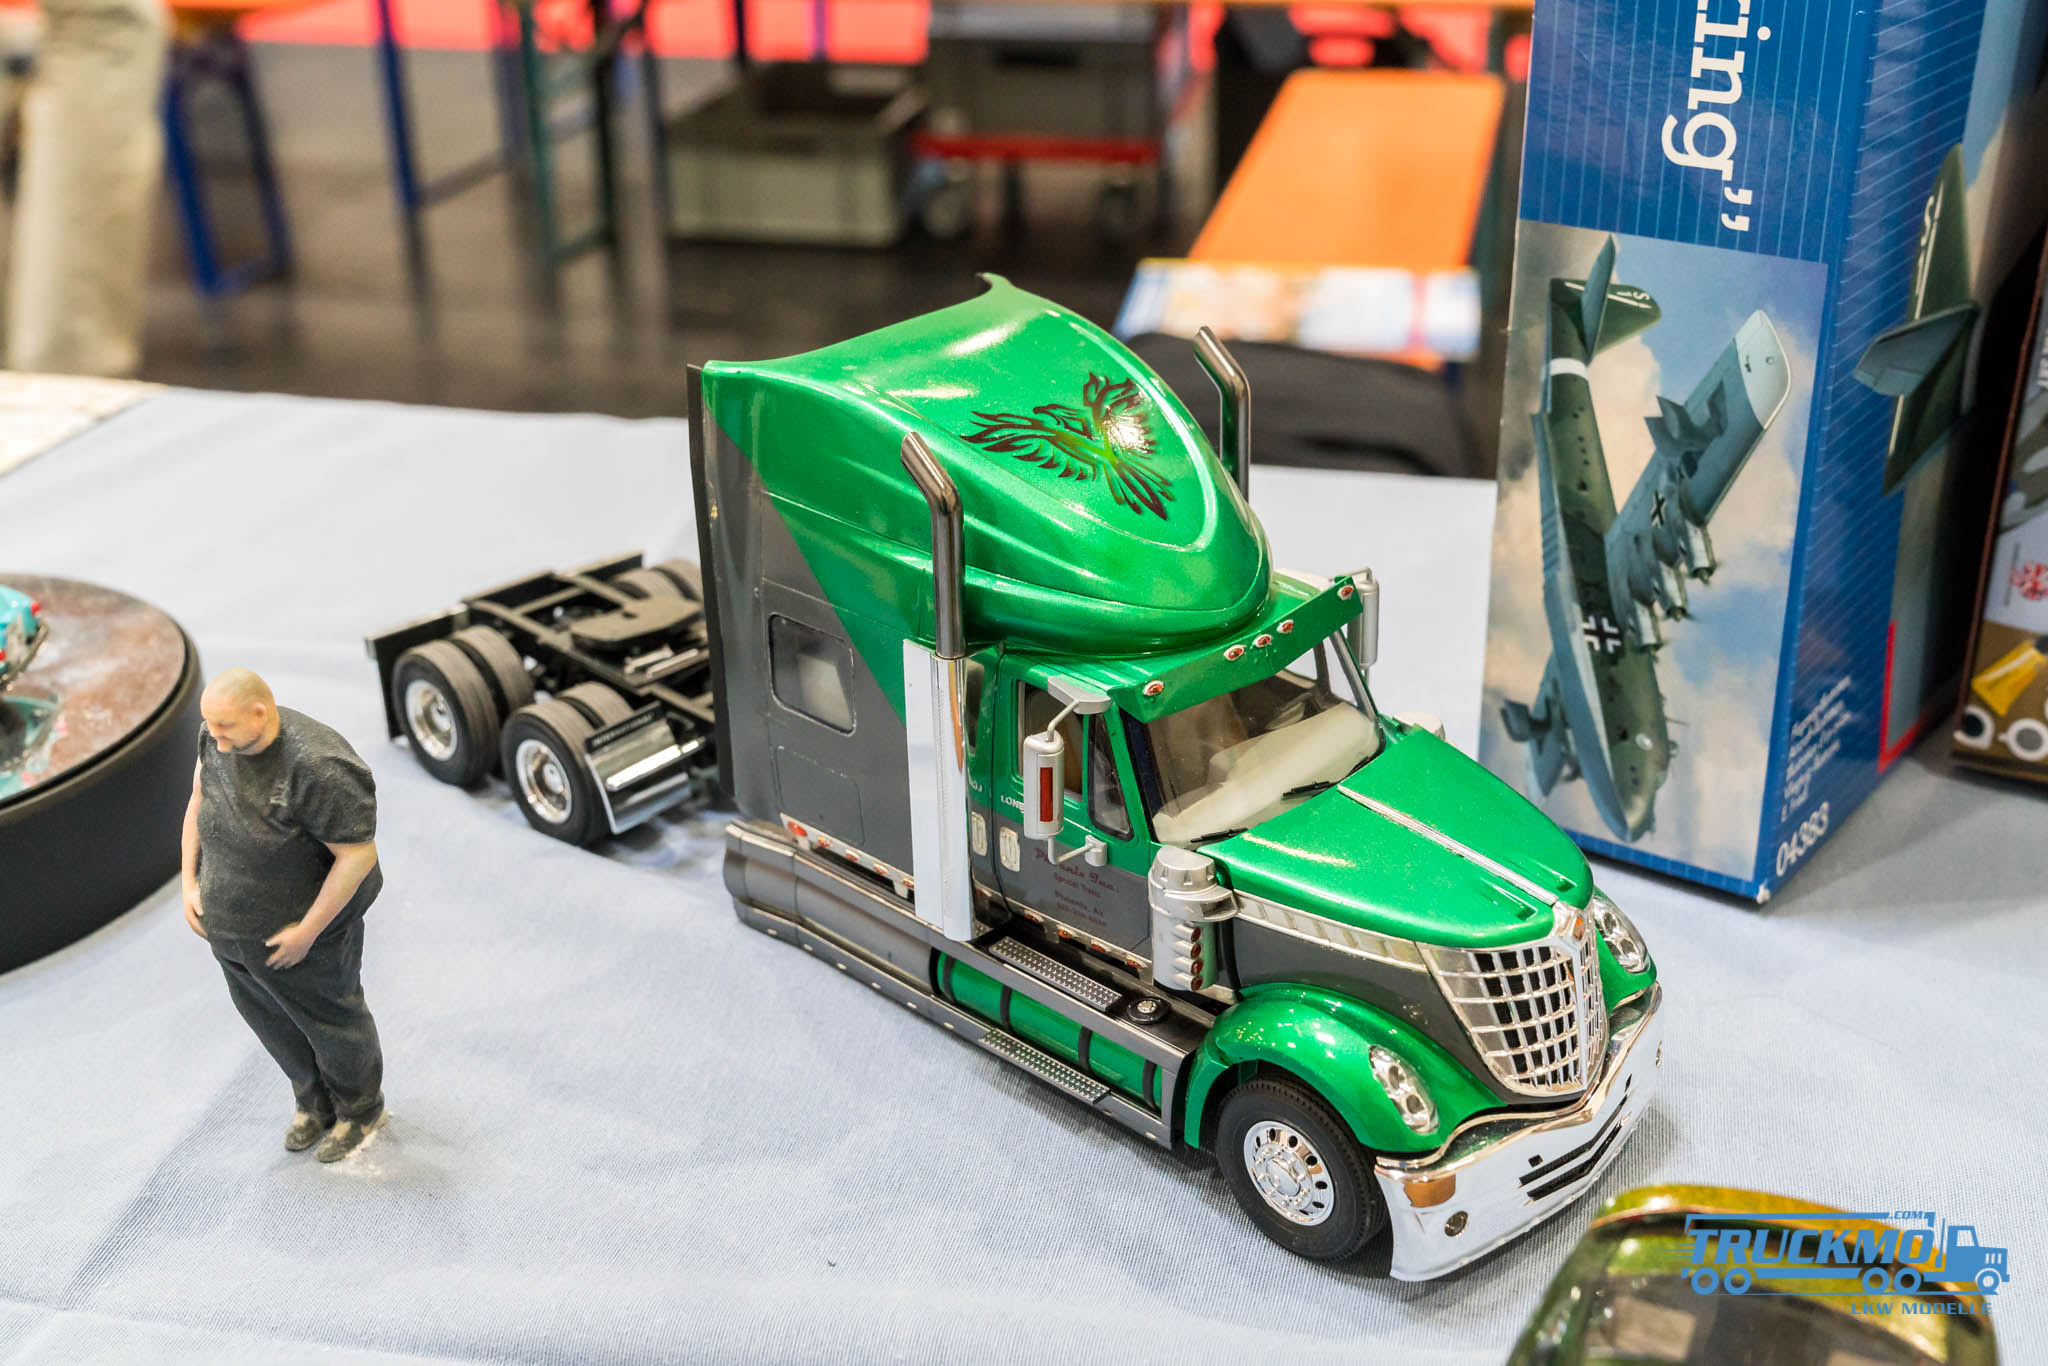 Truckmo_Modellbau_Ried_2017_Herpa_Messe_Modellbauausstellung (443 von 1177)